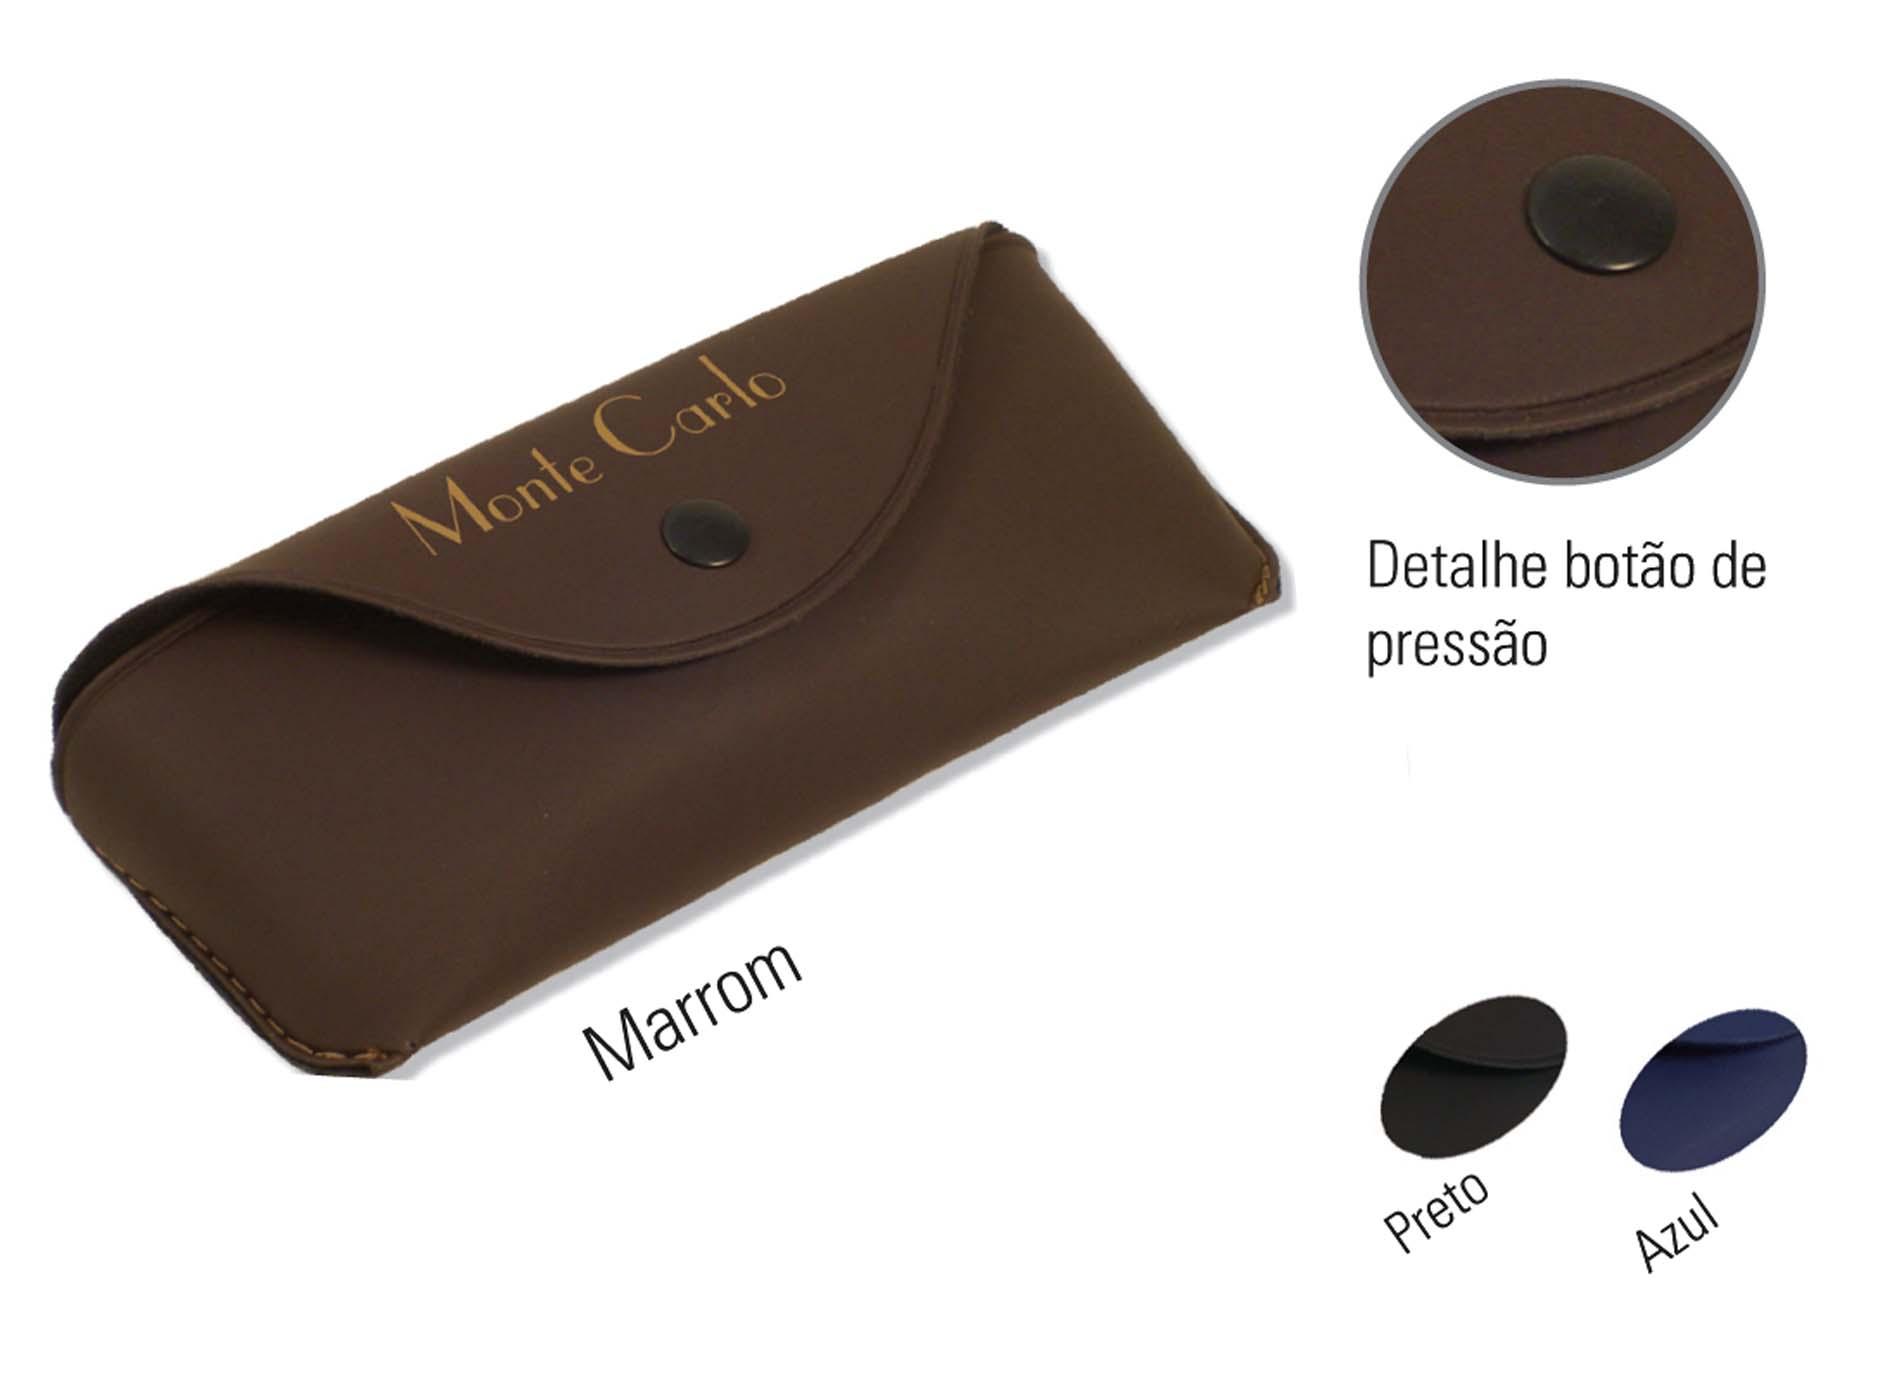 MONTE CARLO FULL